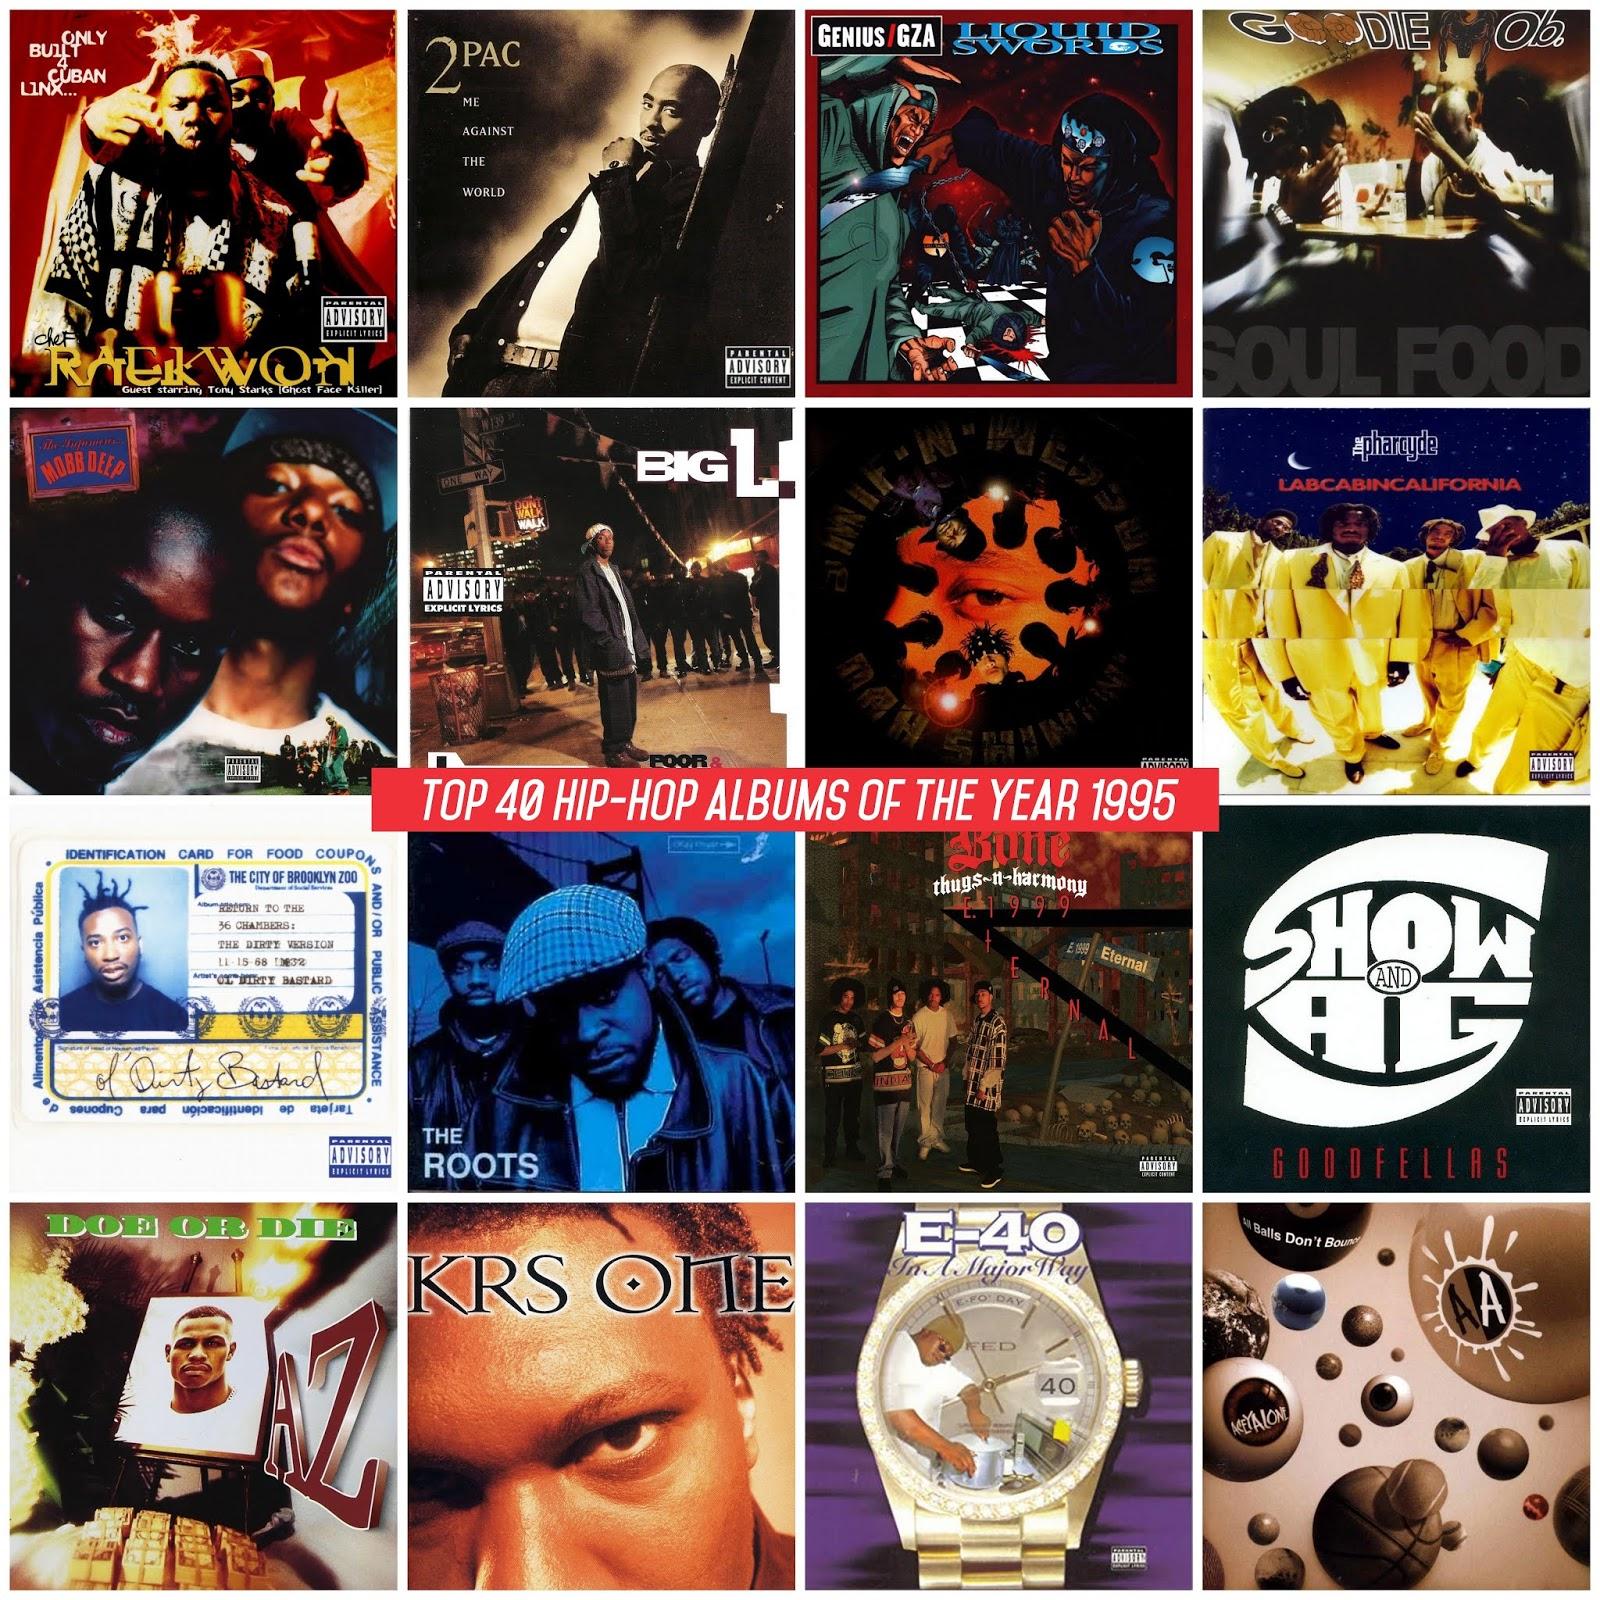 65e02cd5005 Los mejores álbumes de Hip-Hop del año 1995 según la página Hip-Hop Golden  Age. Si quieres saber las razones y las canciones favoritas de cada álbum  visita ...